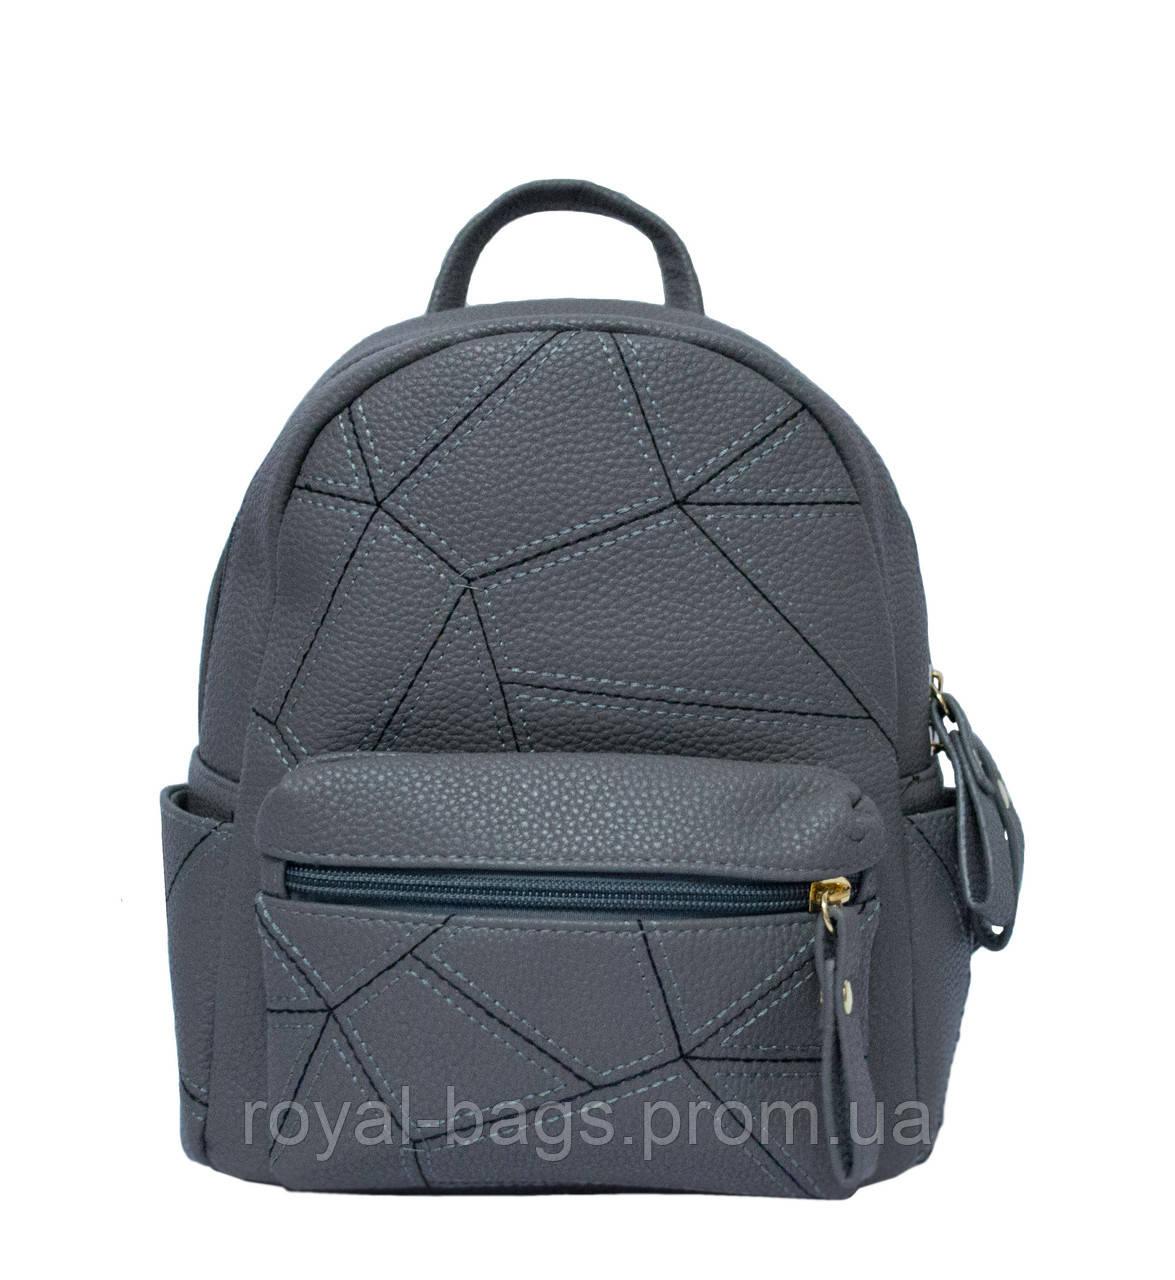 Рюкзак Мини Geometric shapes 3 Цвета Серый